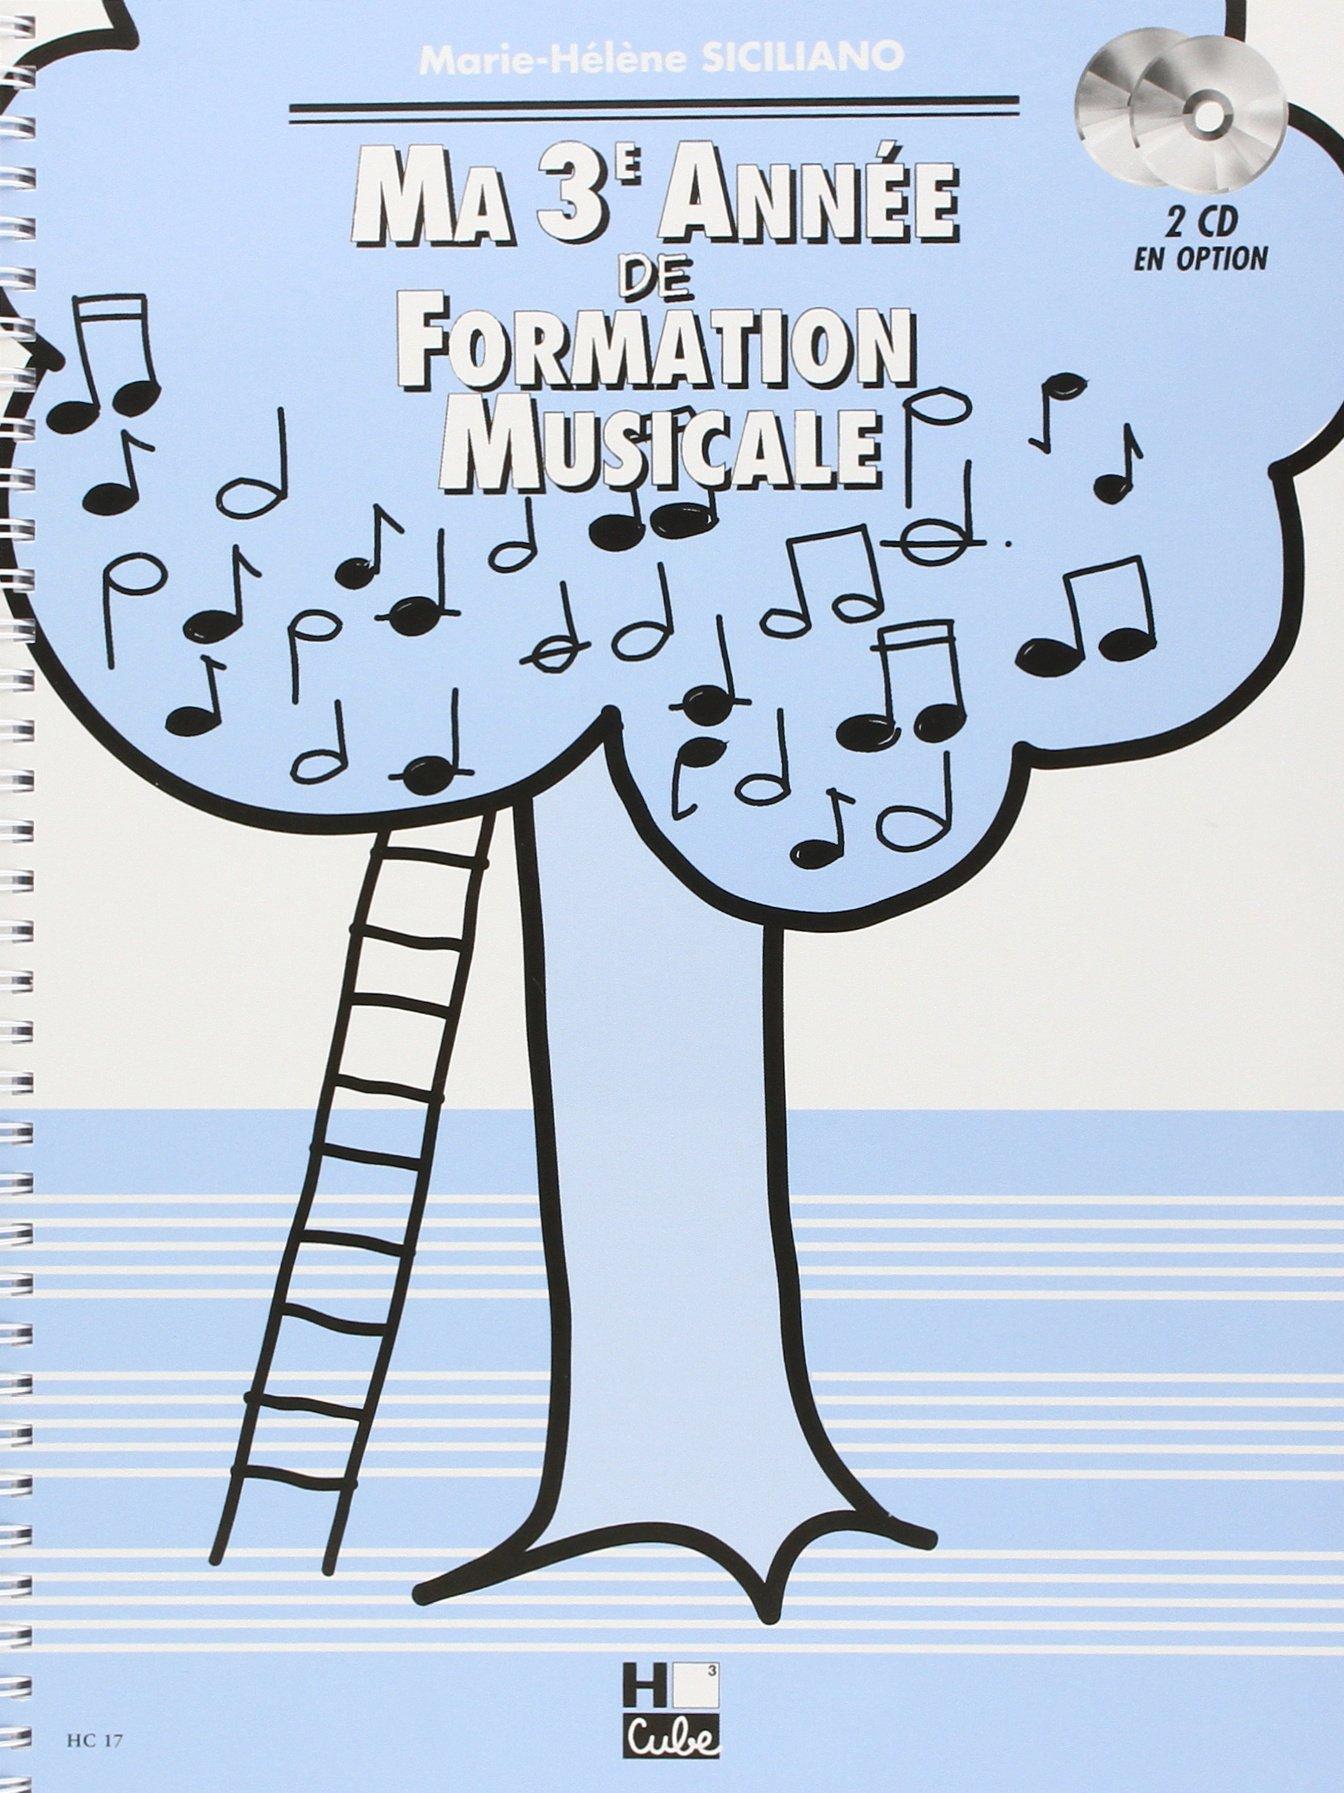 Ma 3ème année de formation musicale Partition – 7 septembre 1996 Marie-Hélène Siciliano H Cube B001J2Z5A8 52936